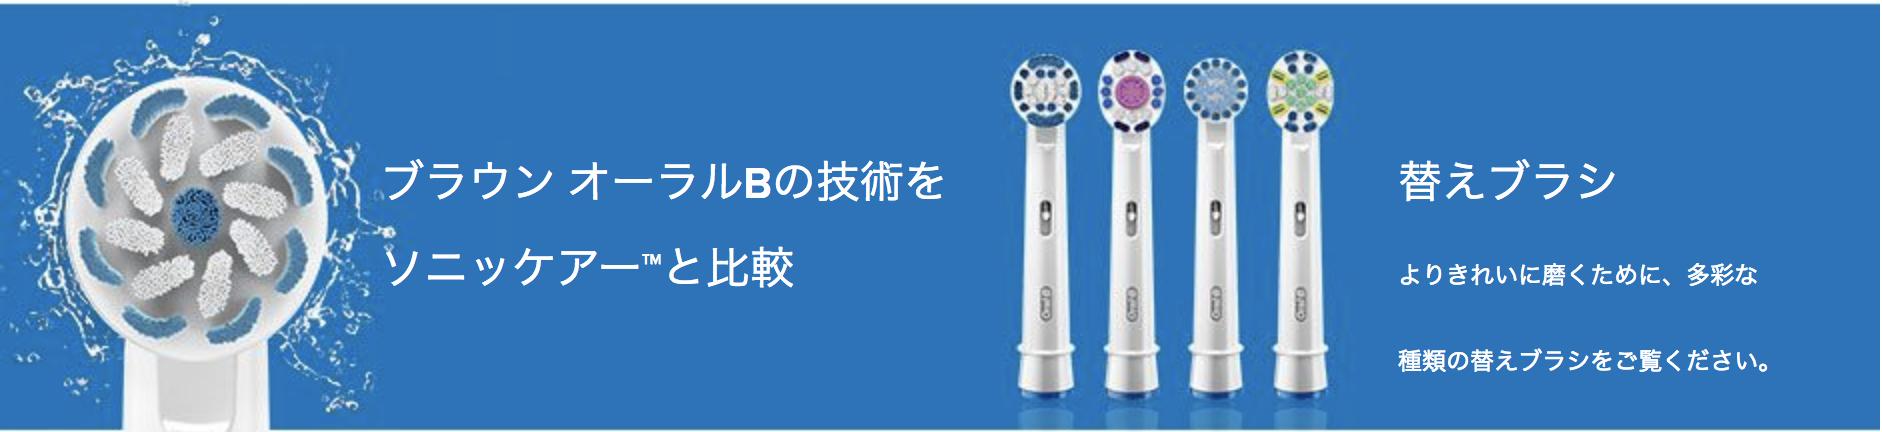 Bàn chải điện Oral-B Braun Nhật Bản